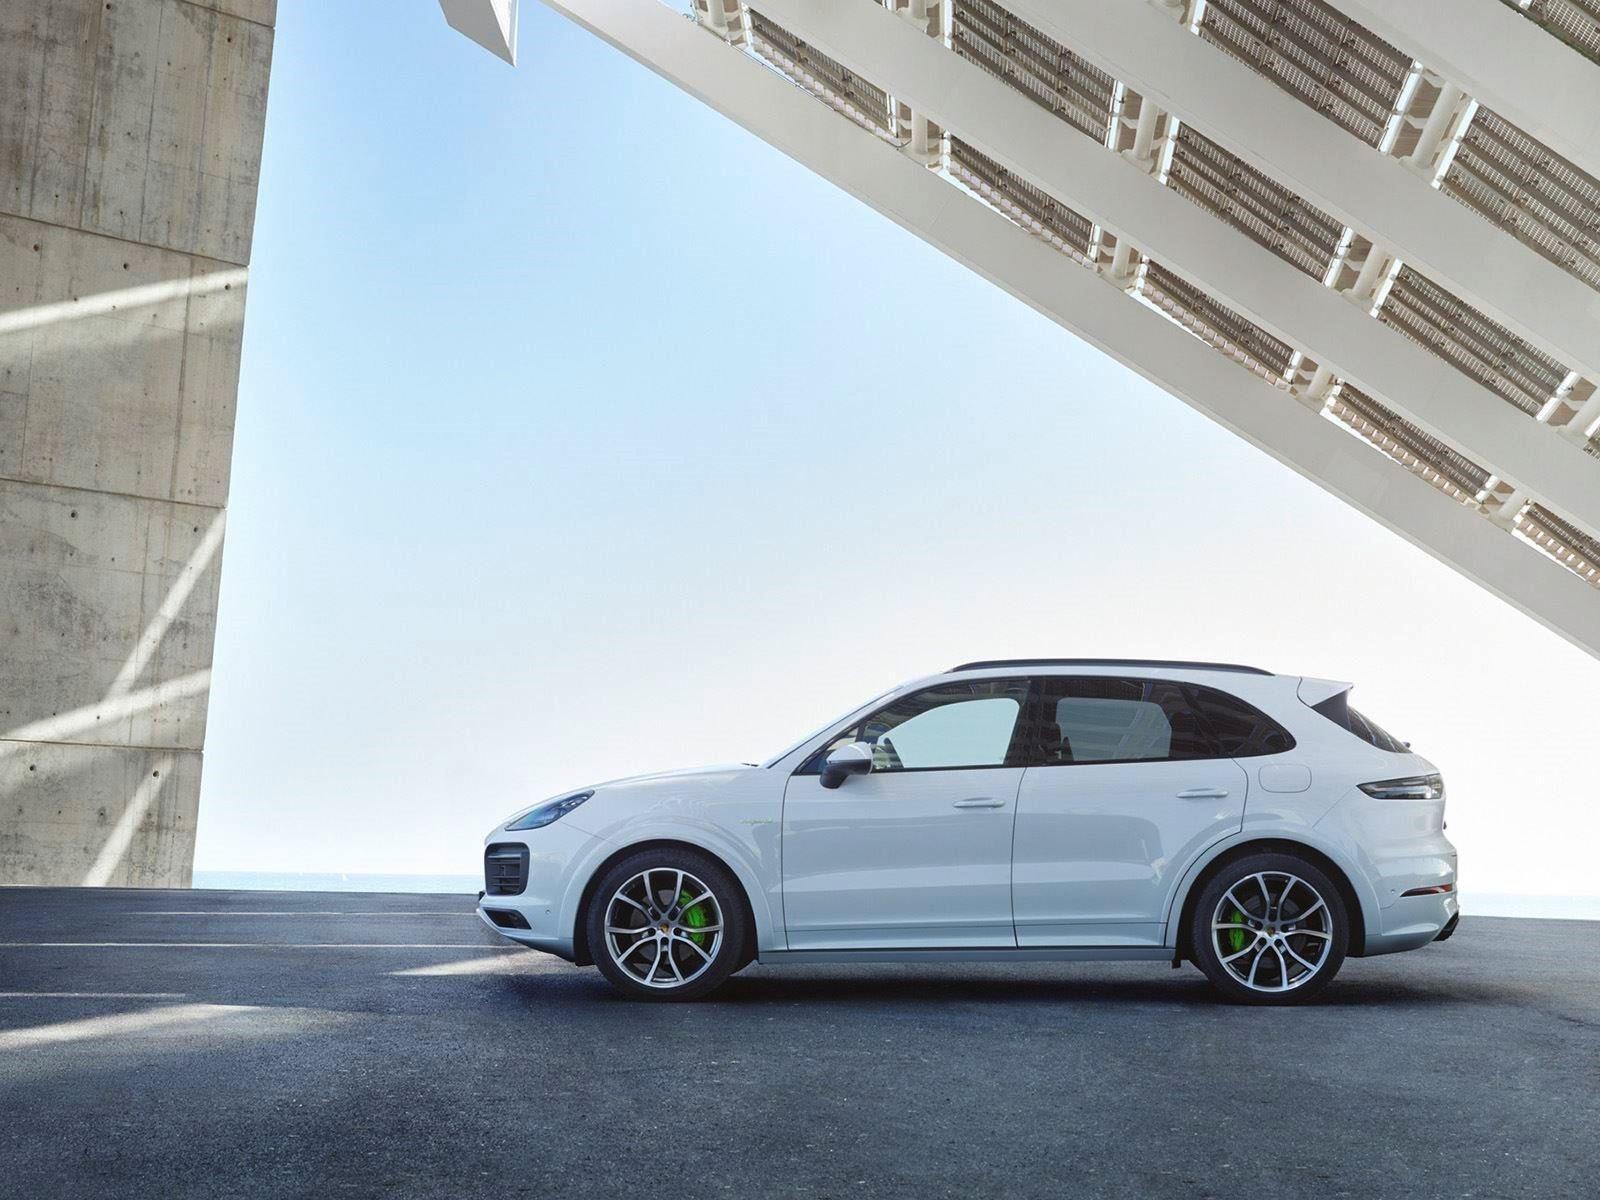 По словам менеджера Porsche SUV Powertrains, Фридмана Хеллера, бренд задумывается о дизельном V6 для Cayenne . «Я могу сказать, что мы планируем предложить дизельный Cayenne, но пока мы понаблюдаем за спросом и должны дождаться подходящего времени»,